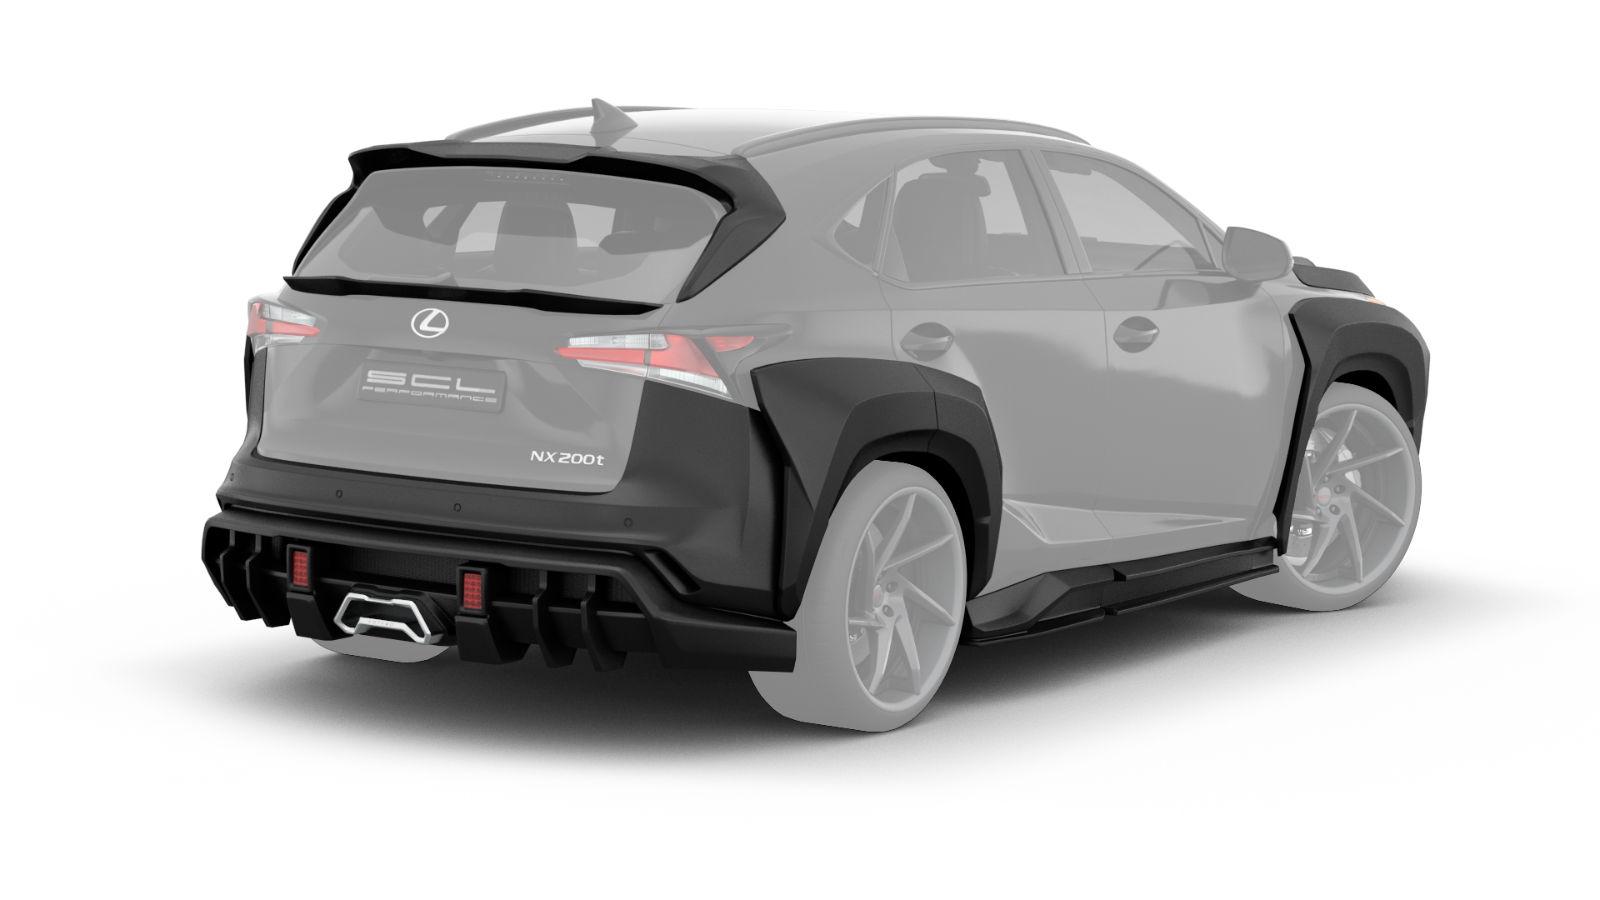 Lexus-RX-NX-SCL-Global-Concept-15